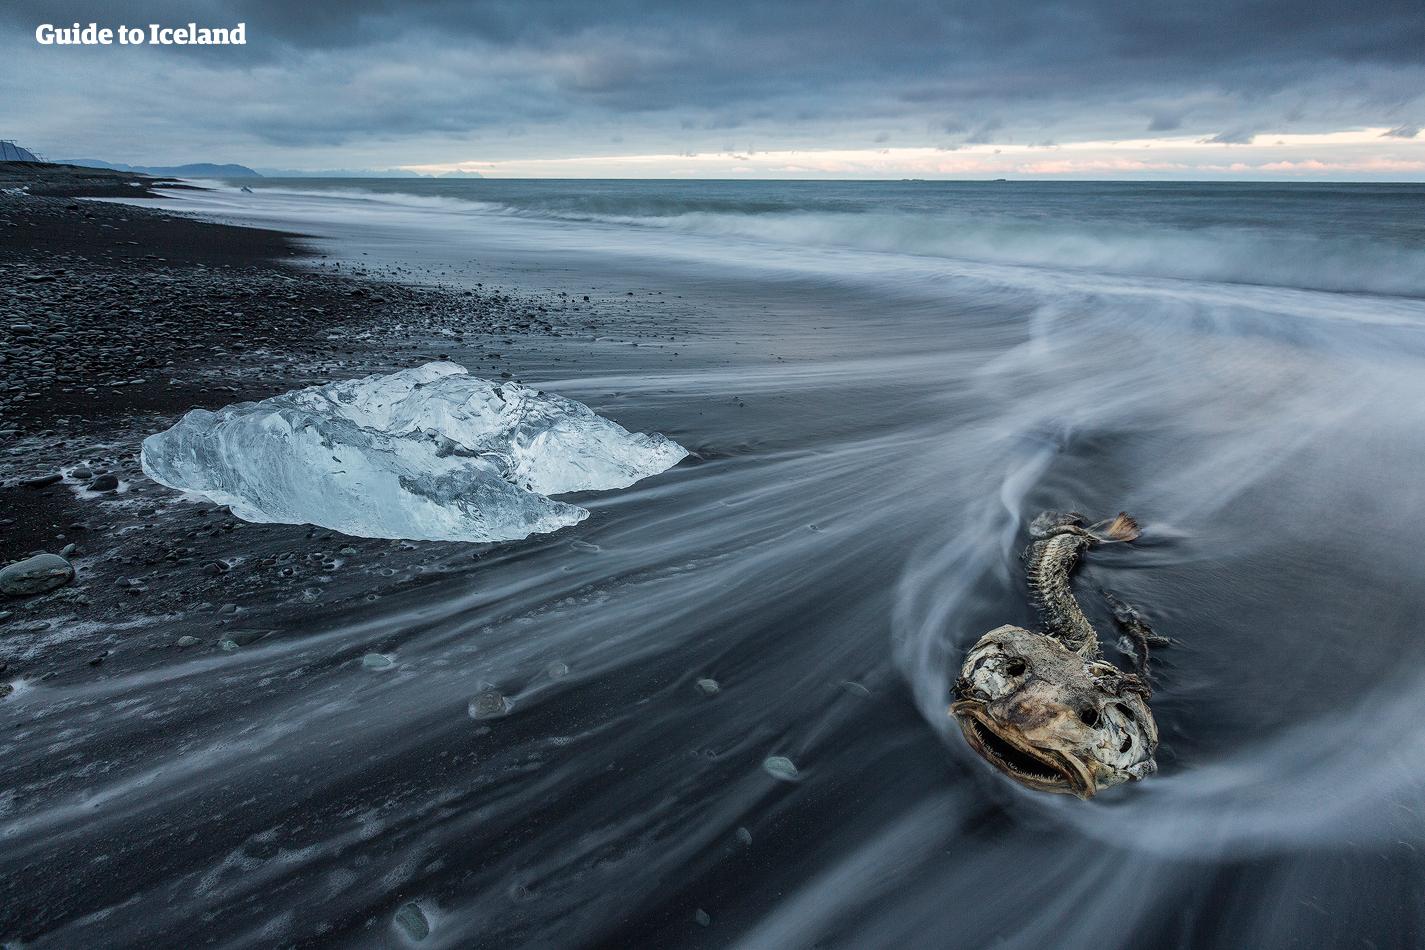 Die Gletscherlagune Jökulsárlón | Guide to Iceland